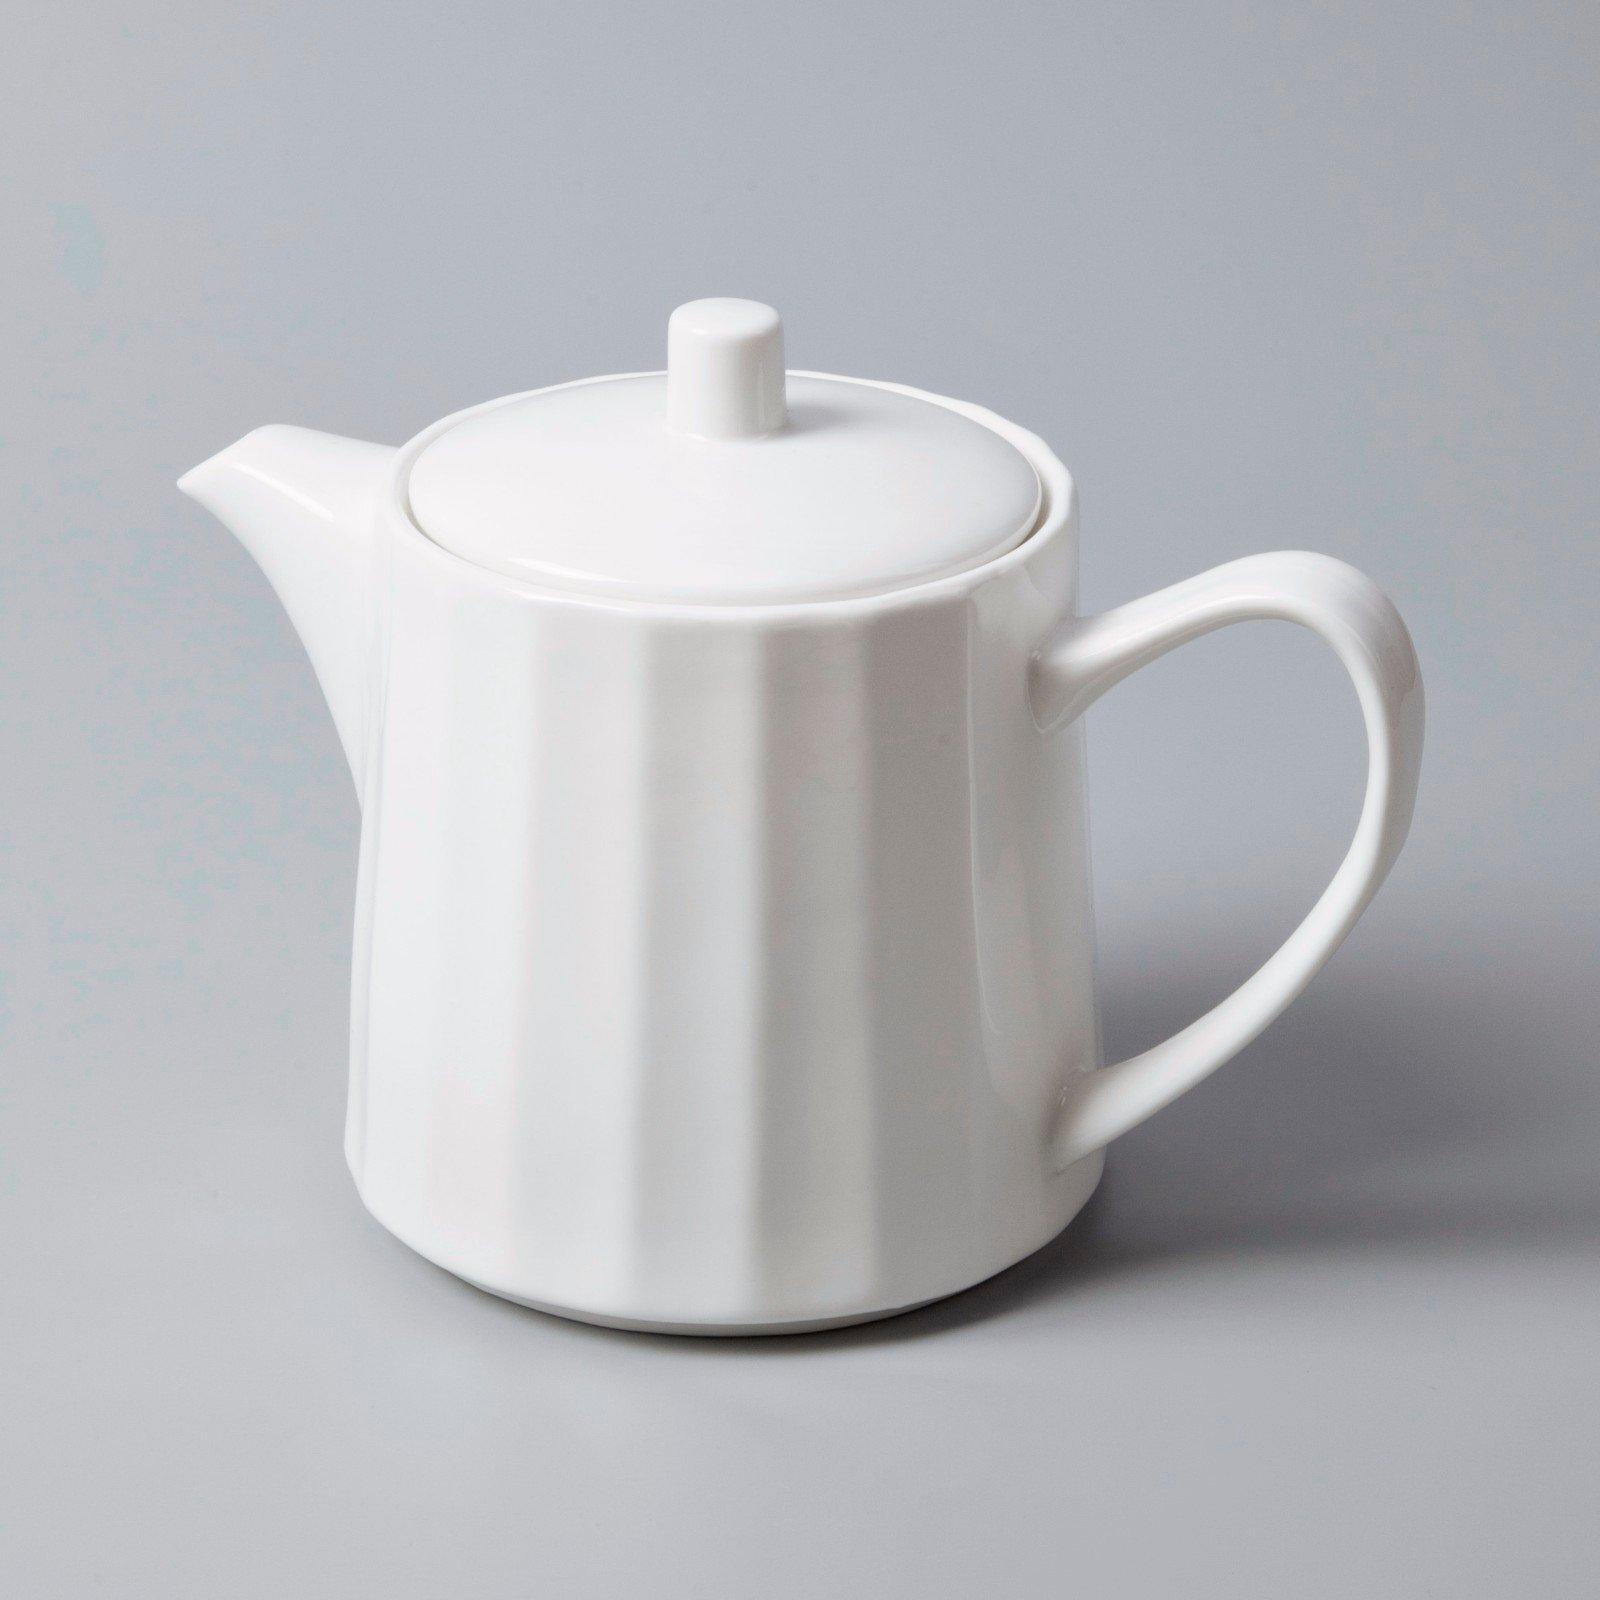 white porcelain tableware meng porcelain Bulk Buy vietnamese Two Eight